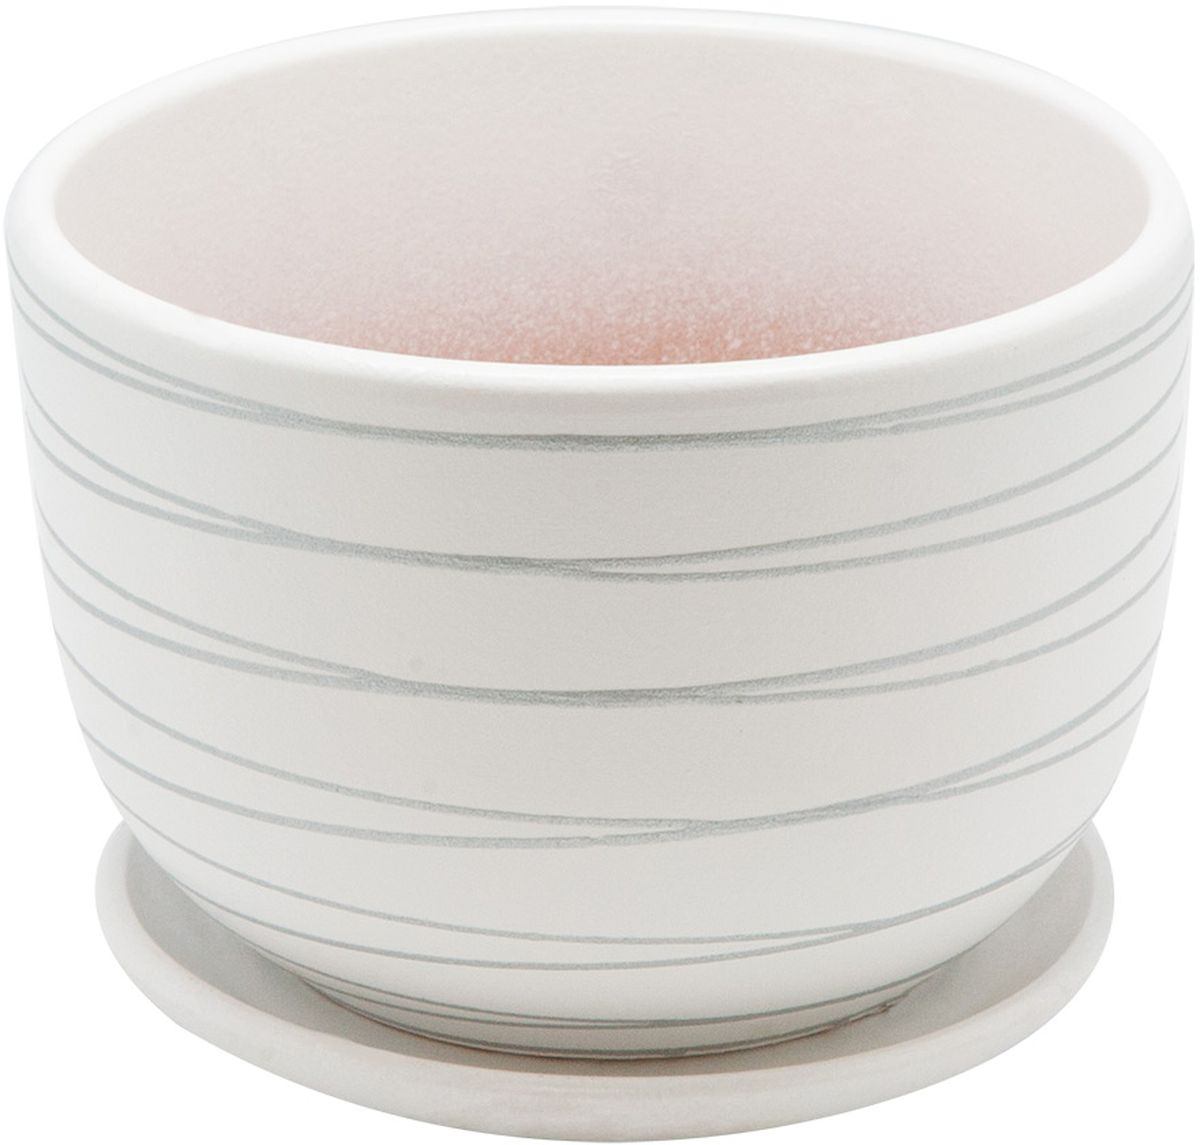 Горшок цветочный Engard, с поддоном, цвет: белый, серебристый, 1,05 л531-105Керамический горшок - это идеальное решение для выращивания комнатных растений и создания изысканности в интерьере. Керамический горшок сделан из высококачественной глины в классической форме и оригинальном дизайне.